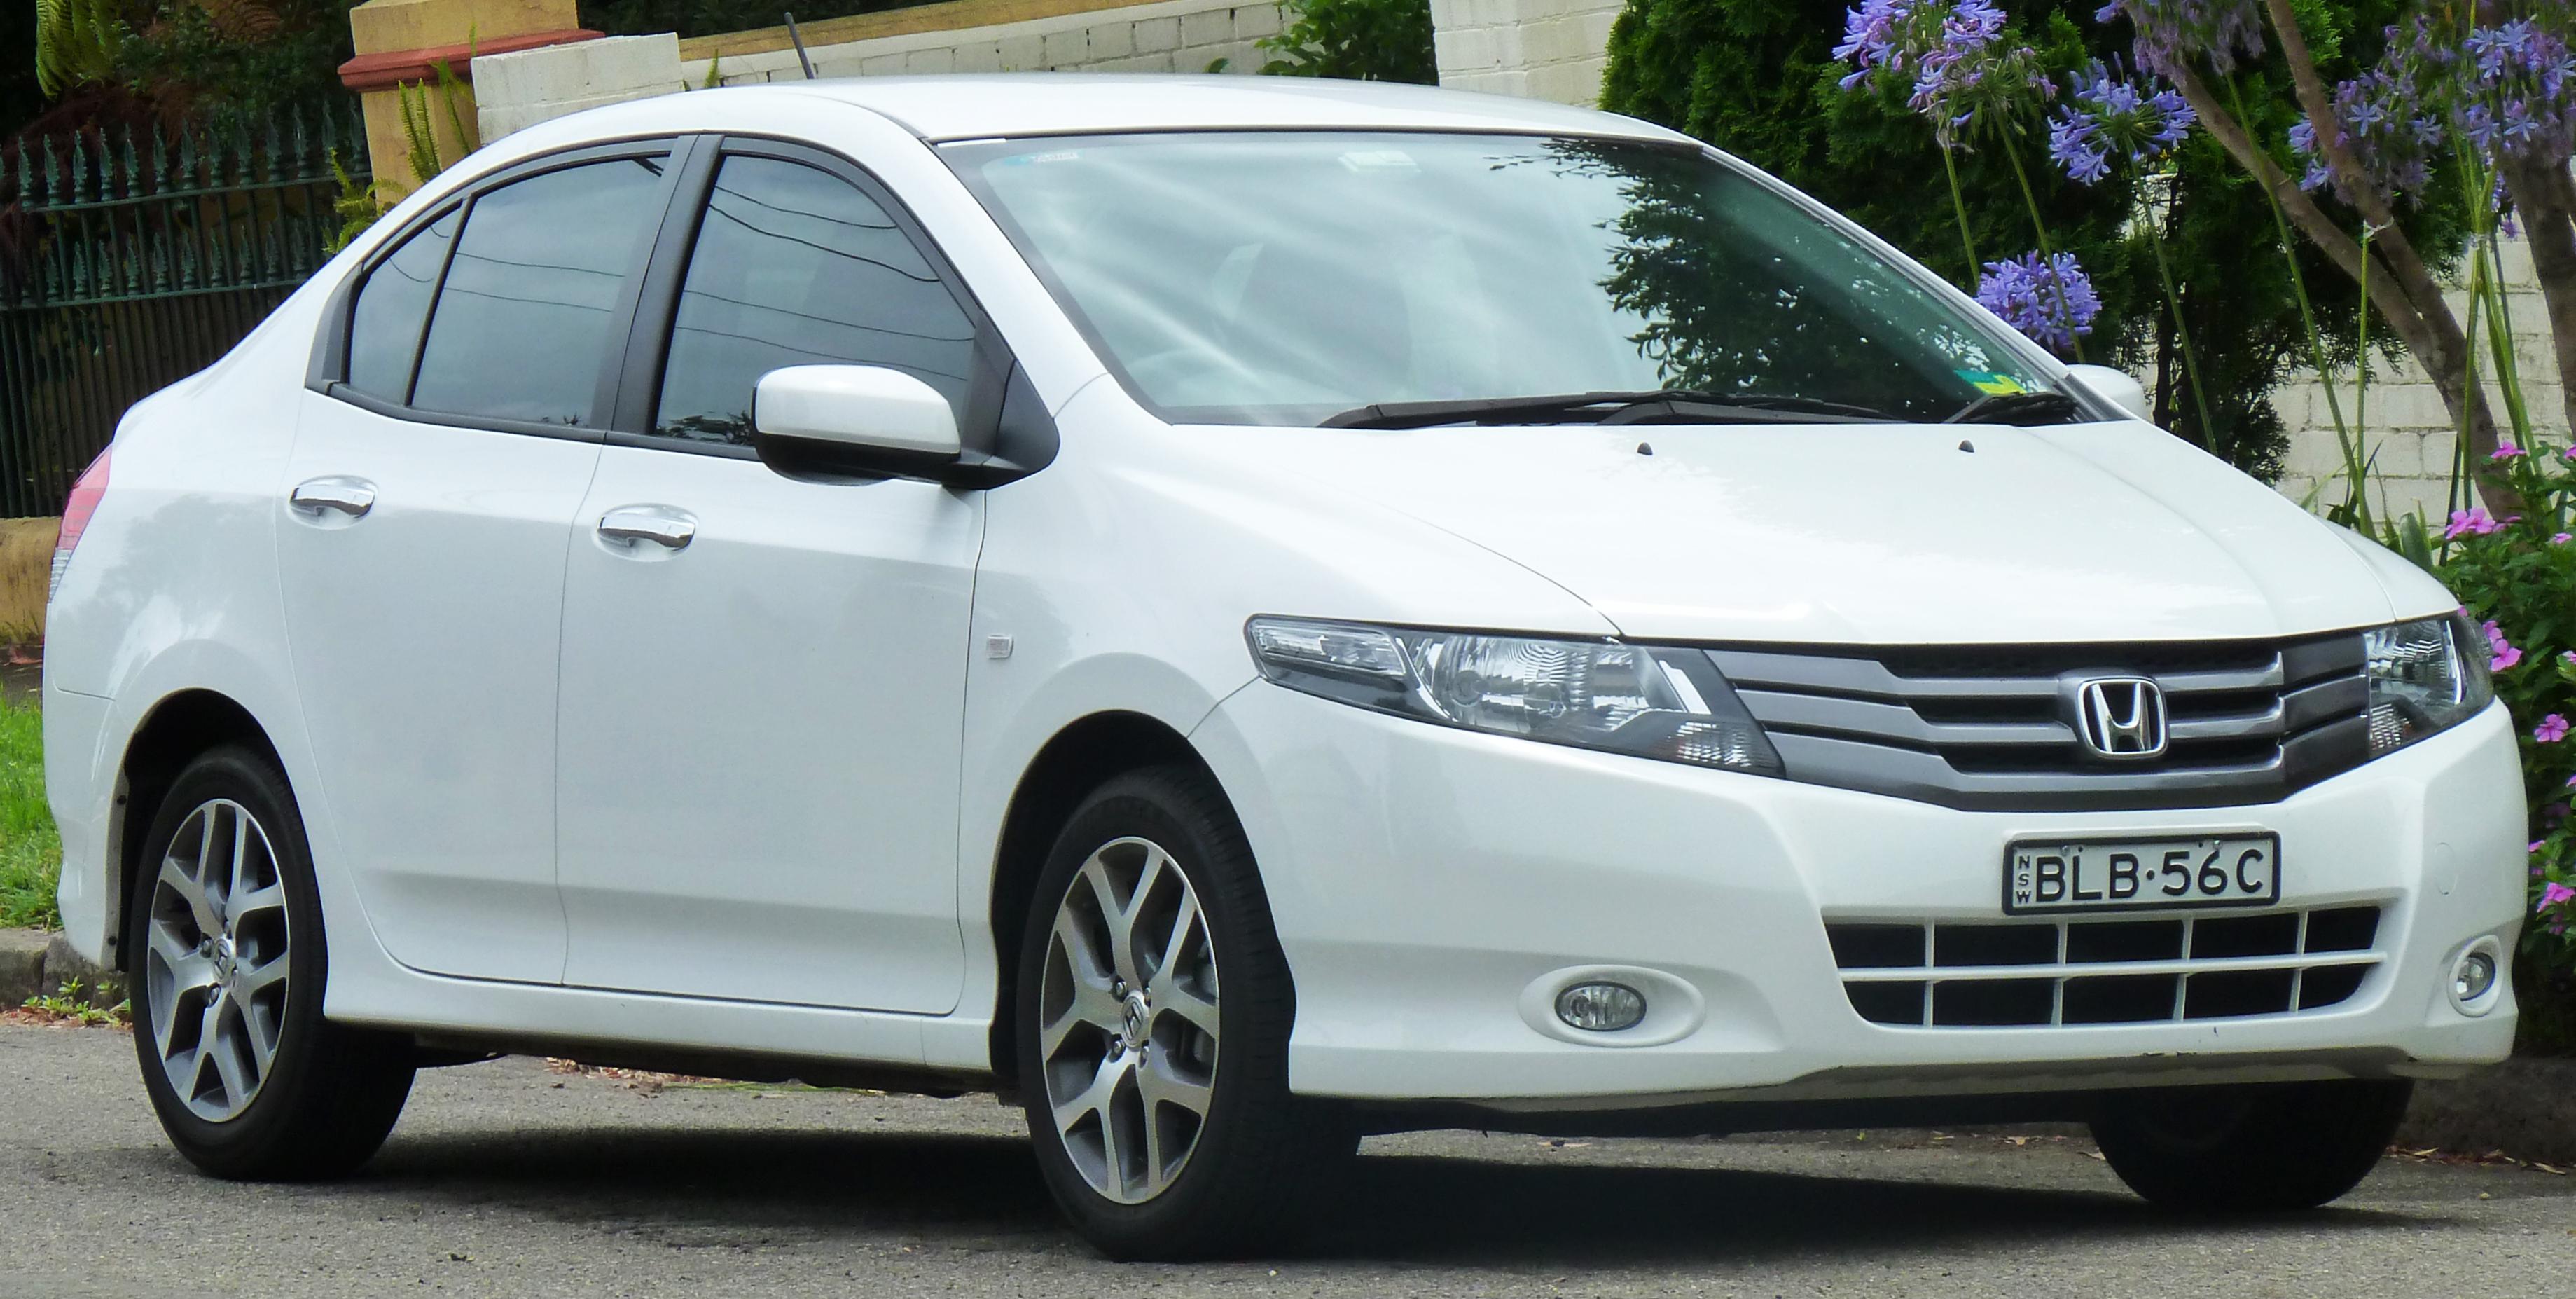 File:2009 Honda City (GM2 MY09) VTi-L sedan (2011-01-13 ...